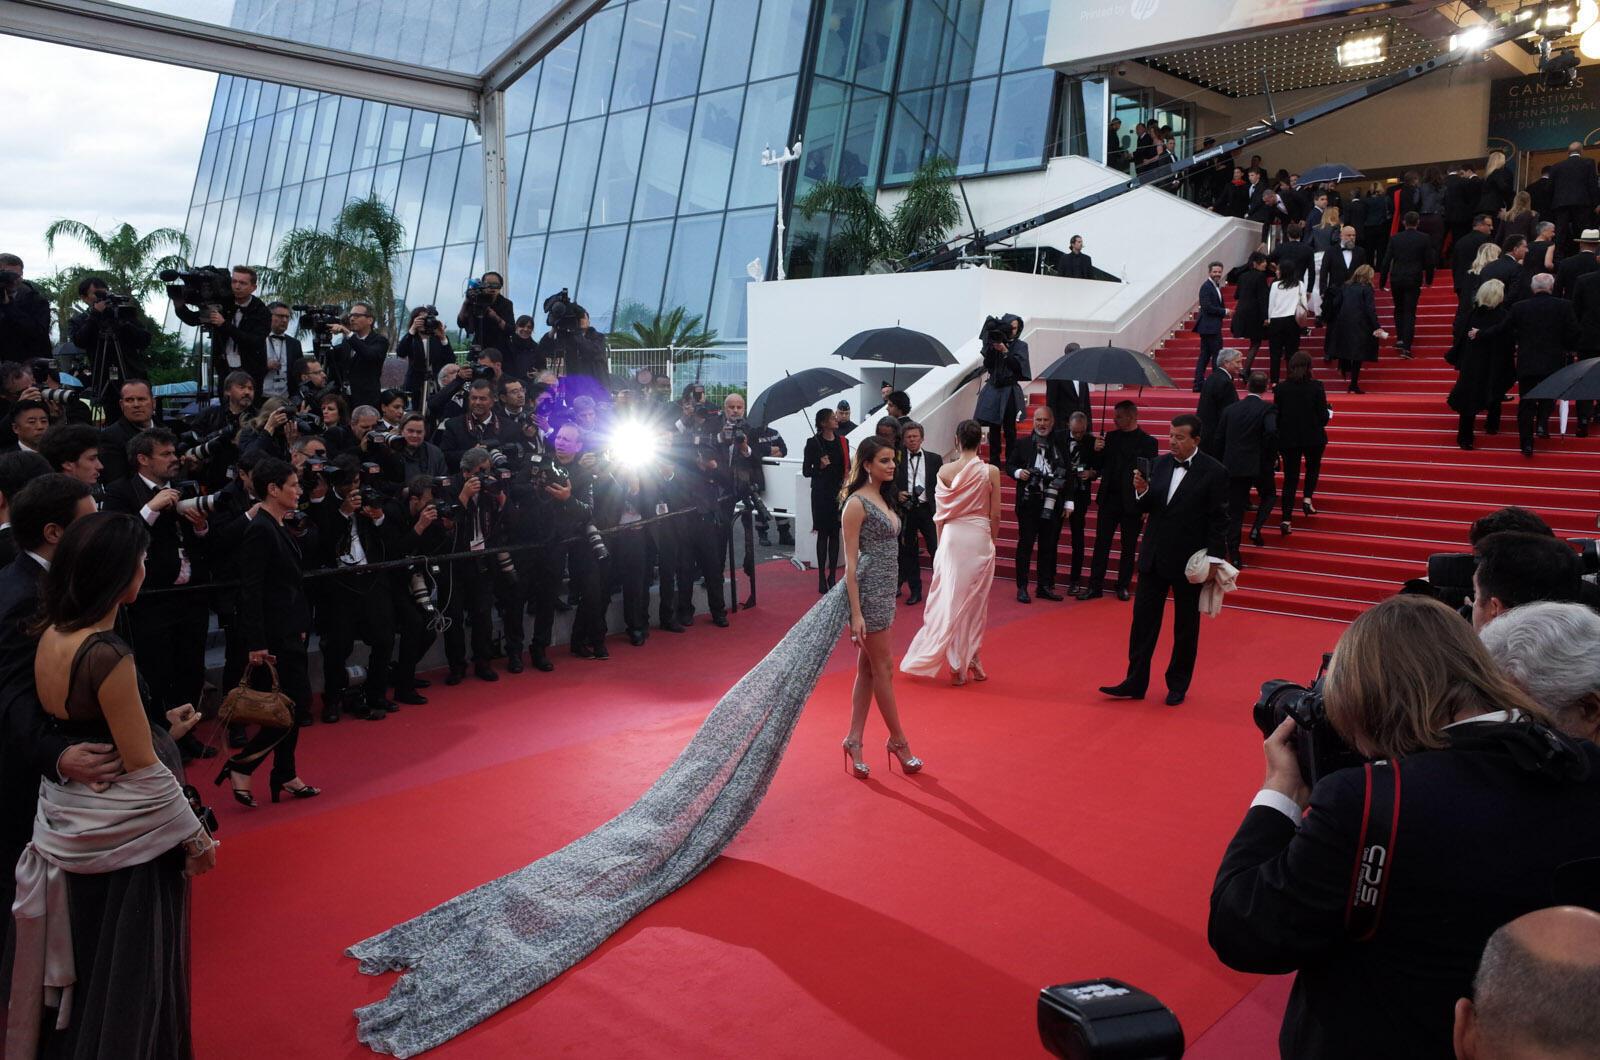 الممثلة التونسية الفرنسية صونيا بن عمار على البساط الأحمر.